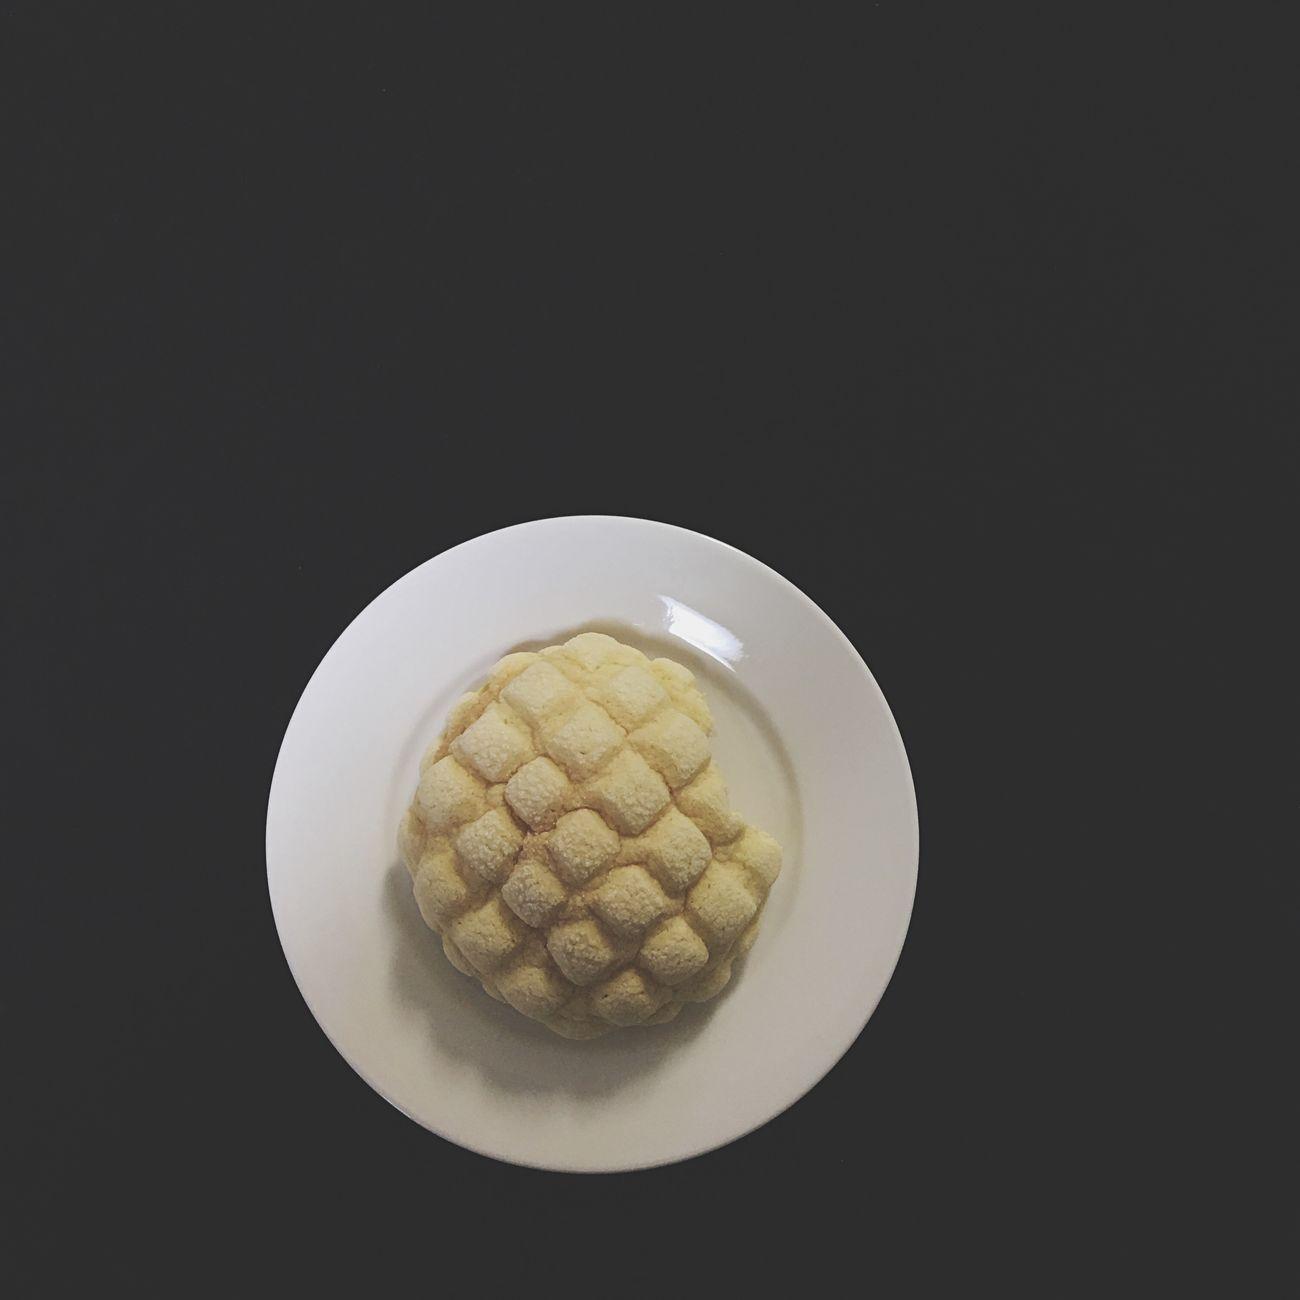 メロンパン 朝ごはん